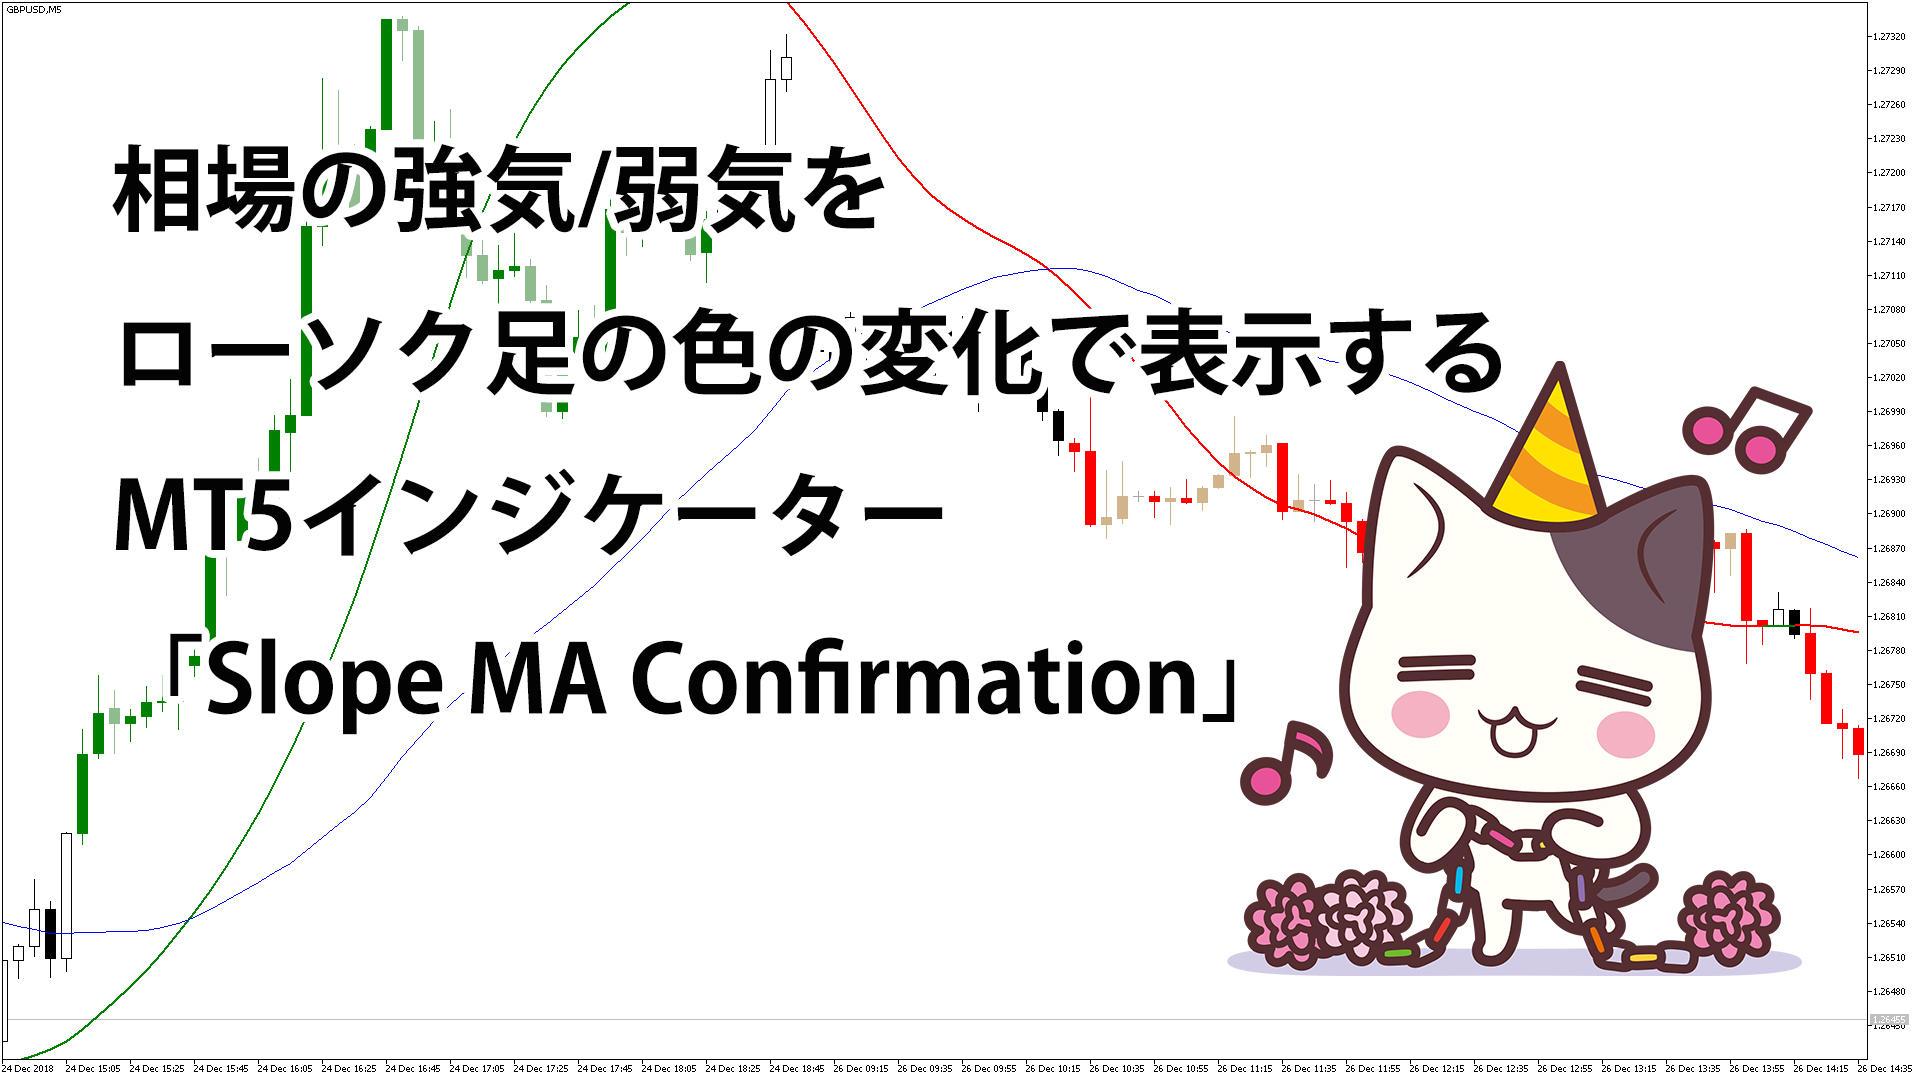 相場の強気/弱気をローソク足の色の変化で表示するMT5インジケーター「Slope MA Confirmation」